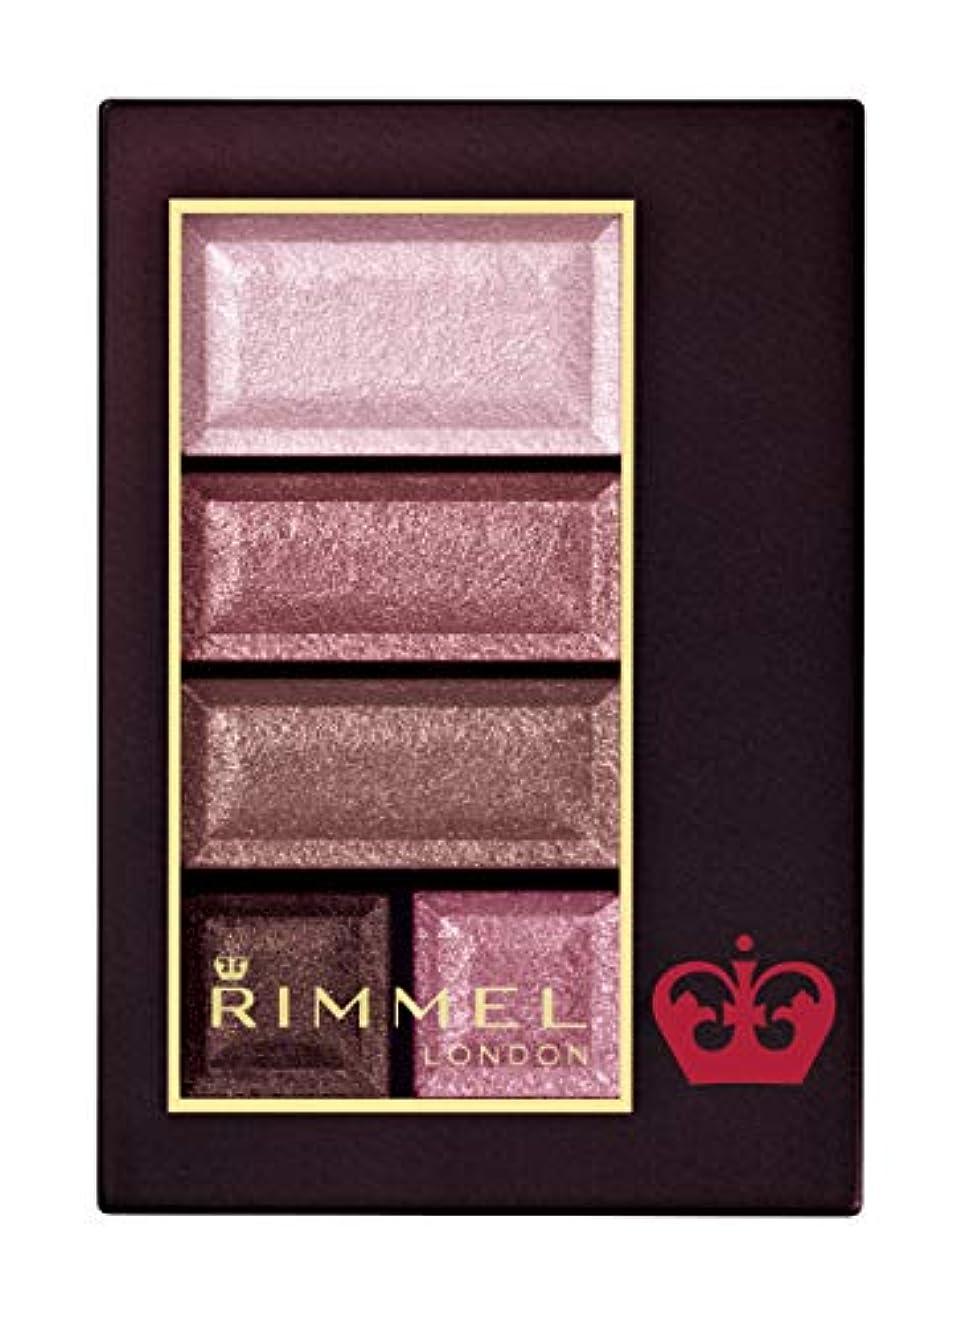 汚染周波数豪華なRimmel (リンメル) リンメル ショコラスウィート アイズ 019 ブルーベリーショコラ 4.5g アイシャドウ